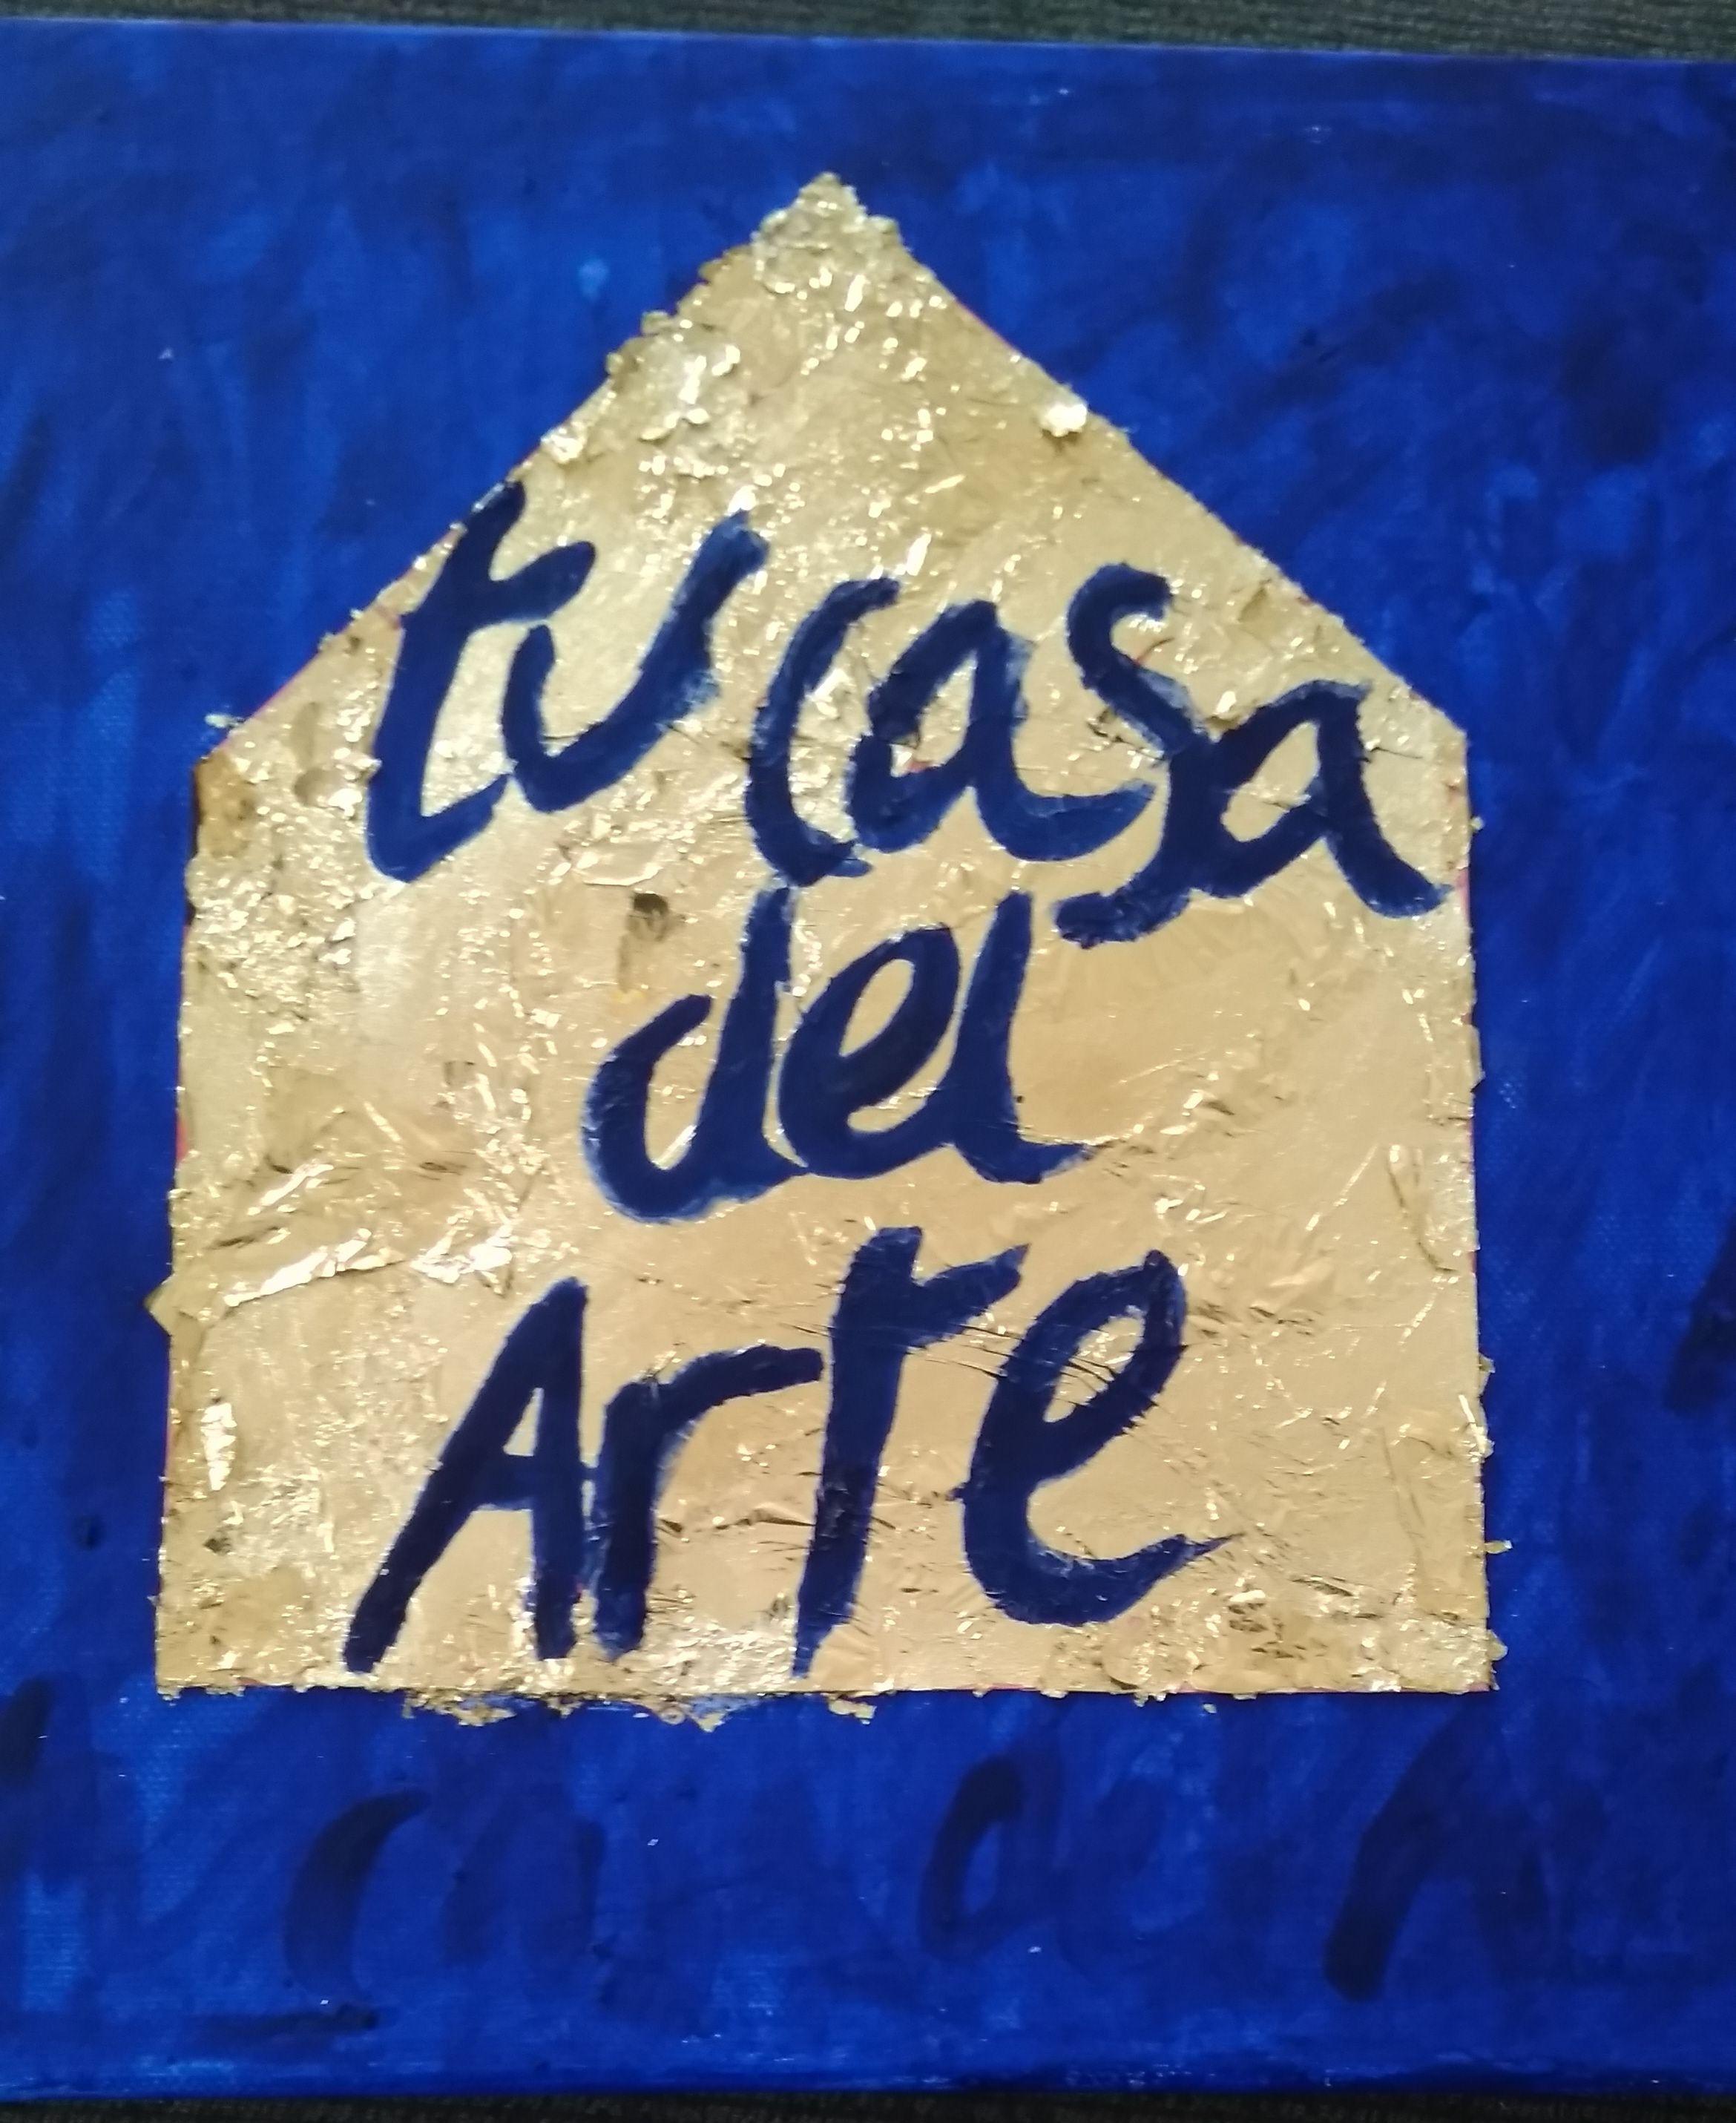 Tu casa del arte